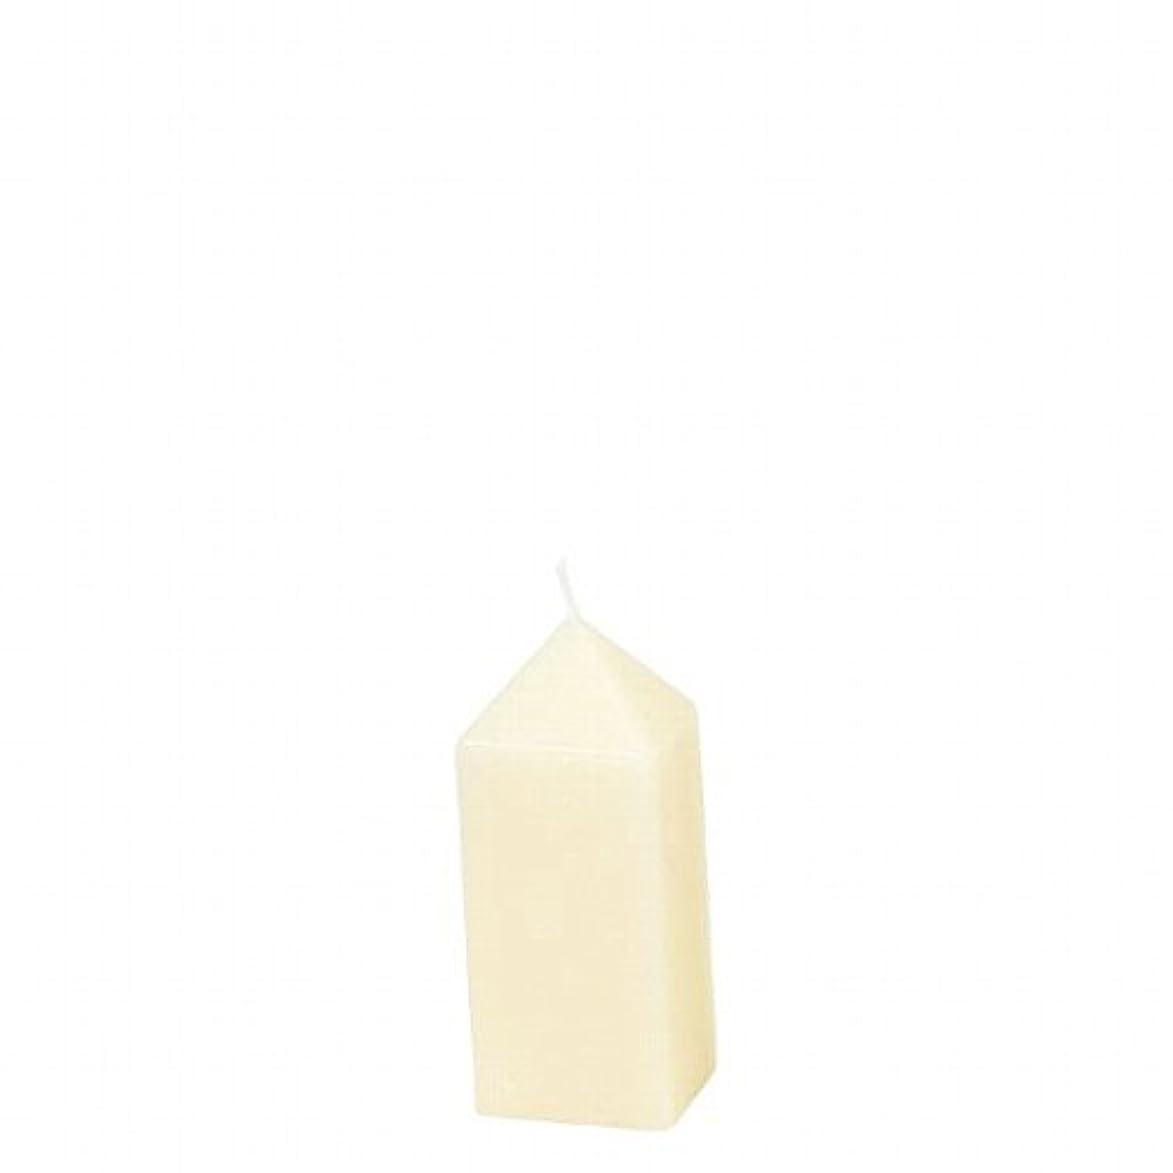 ヤンキーキャンドル(YANKEE CANDLE) オベリスクキャンドルS